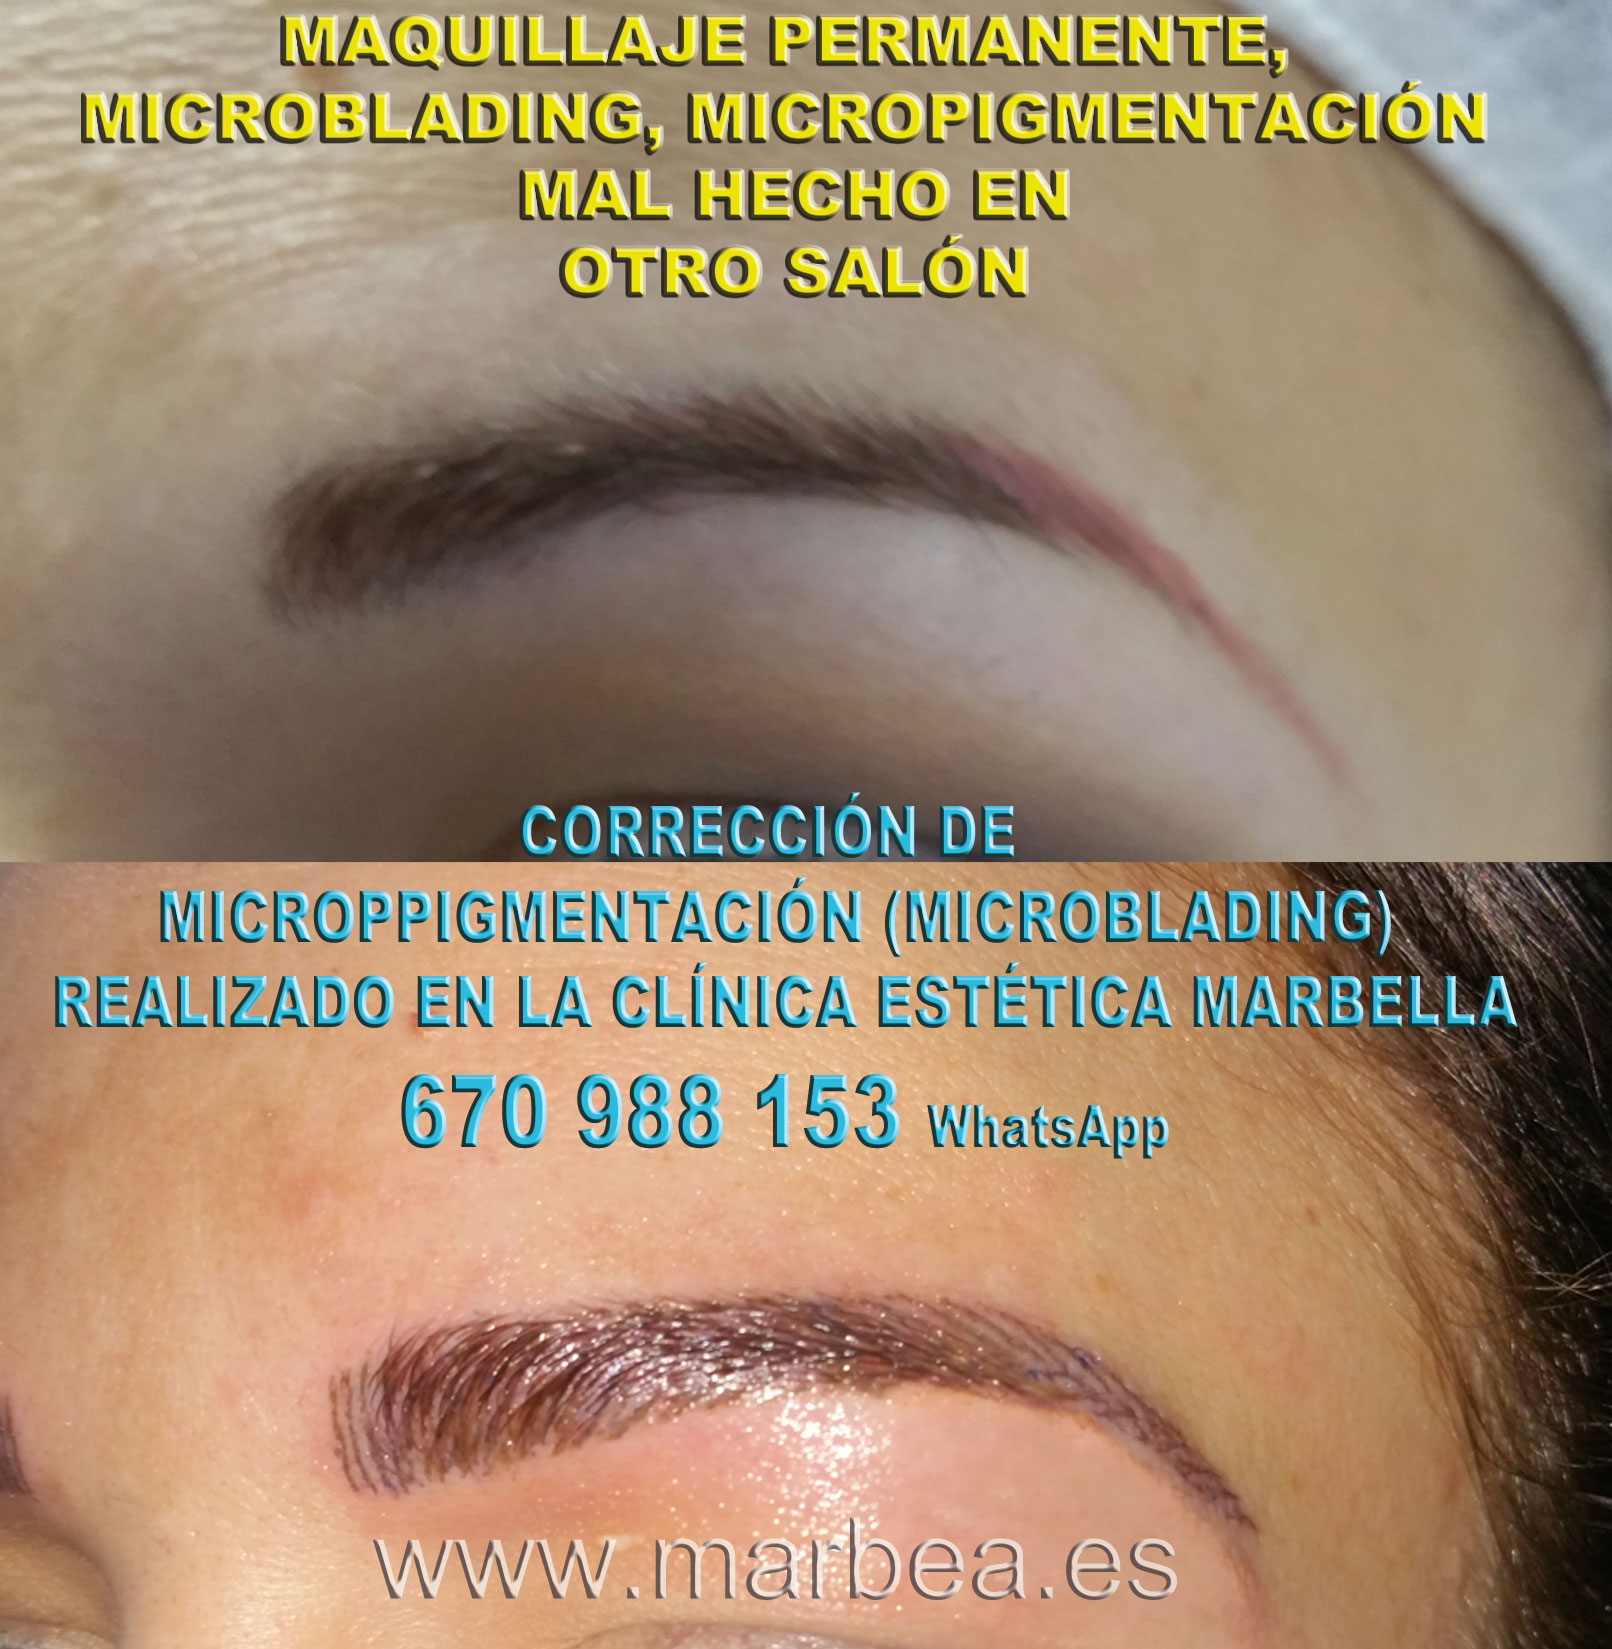 ELIMINAR MICROBLADING CEJAS clínica estética delineados ofrenda como aclarar la micropigmentación cejas,reparamos microppigmentacion mal hechos